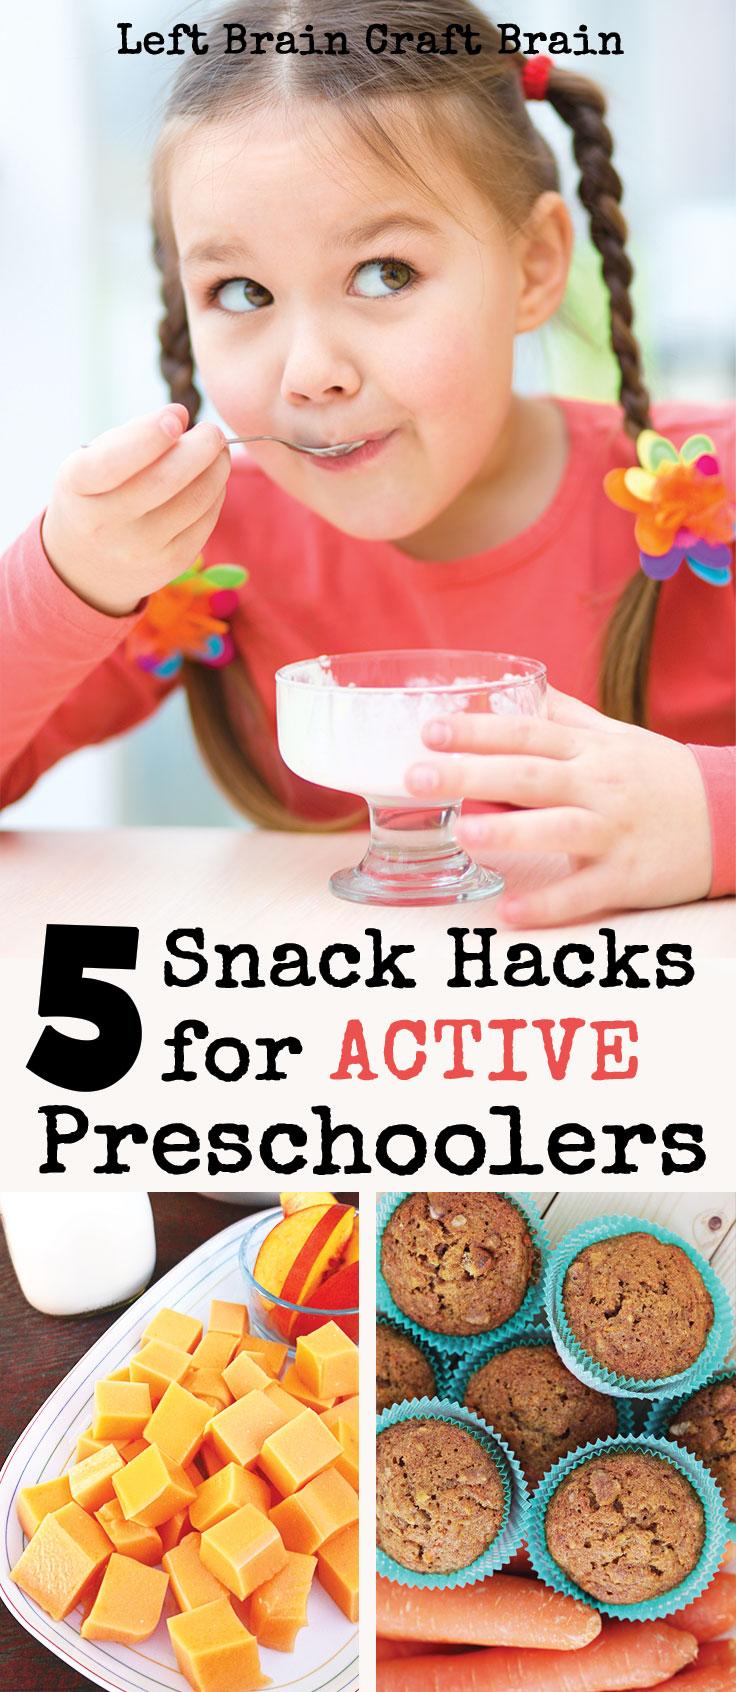 5-Easy-Snack-Hacks-For-Active-Preschoolers-Left-Brain-Craft-Brain-2